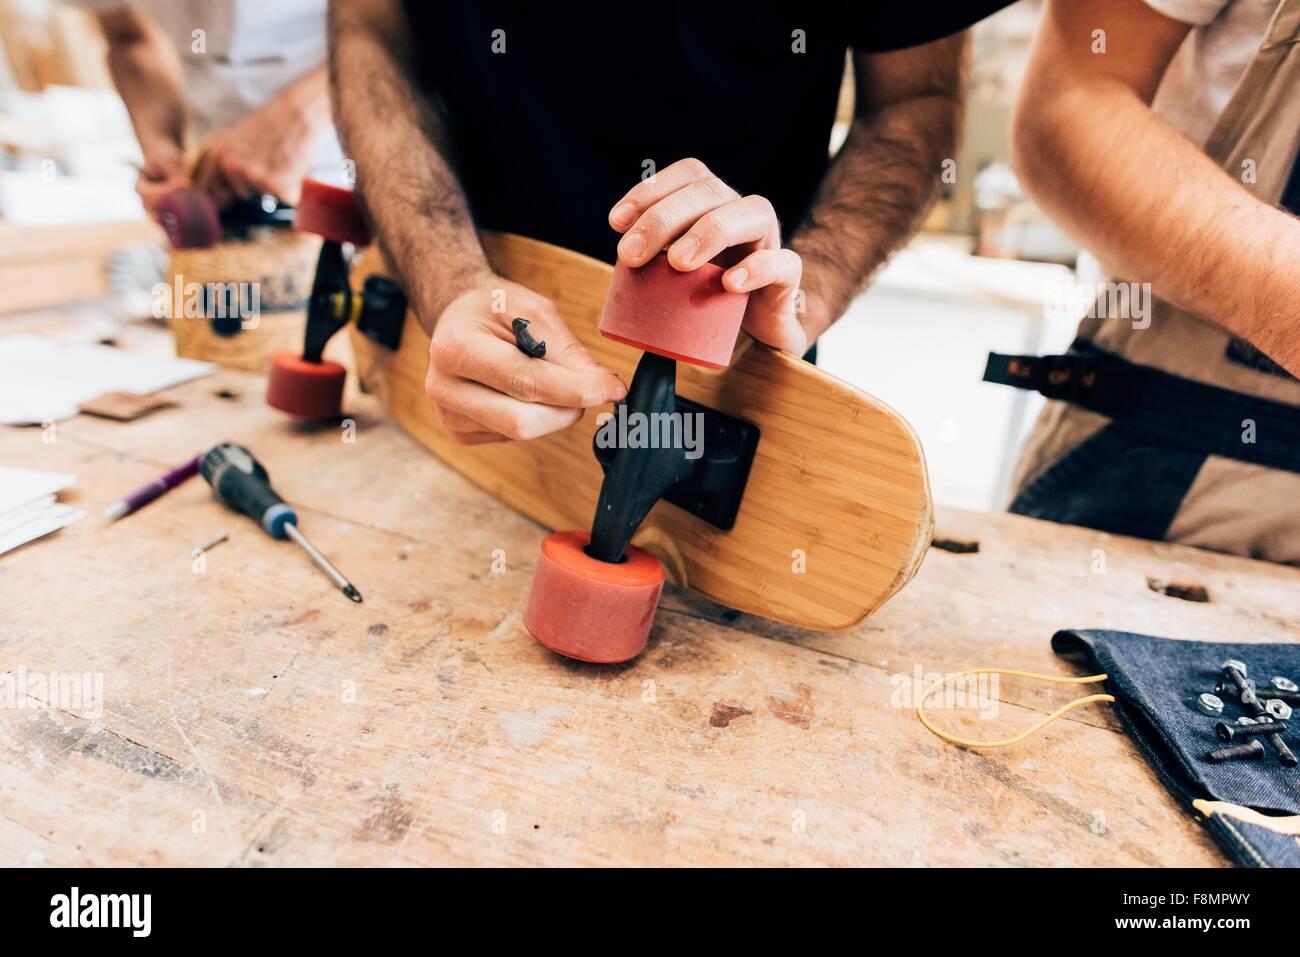 Vista recortada de hombres jóvenes en taller de fijación de ruedas de monopatín Imagen De Stock